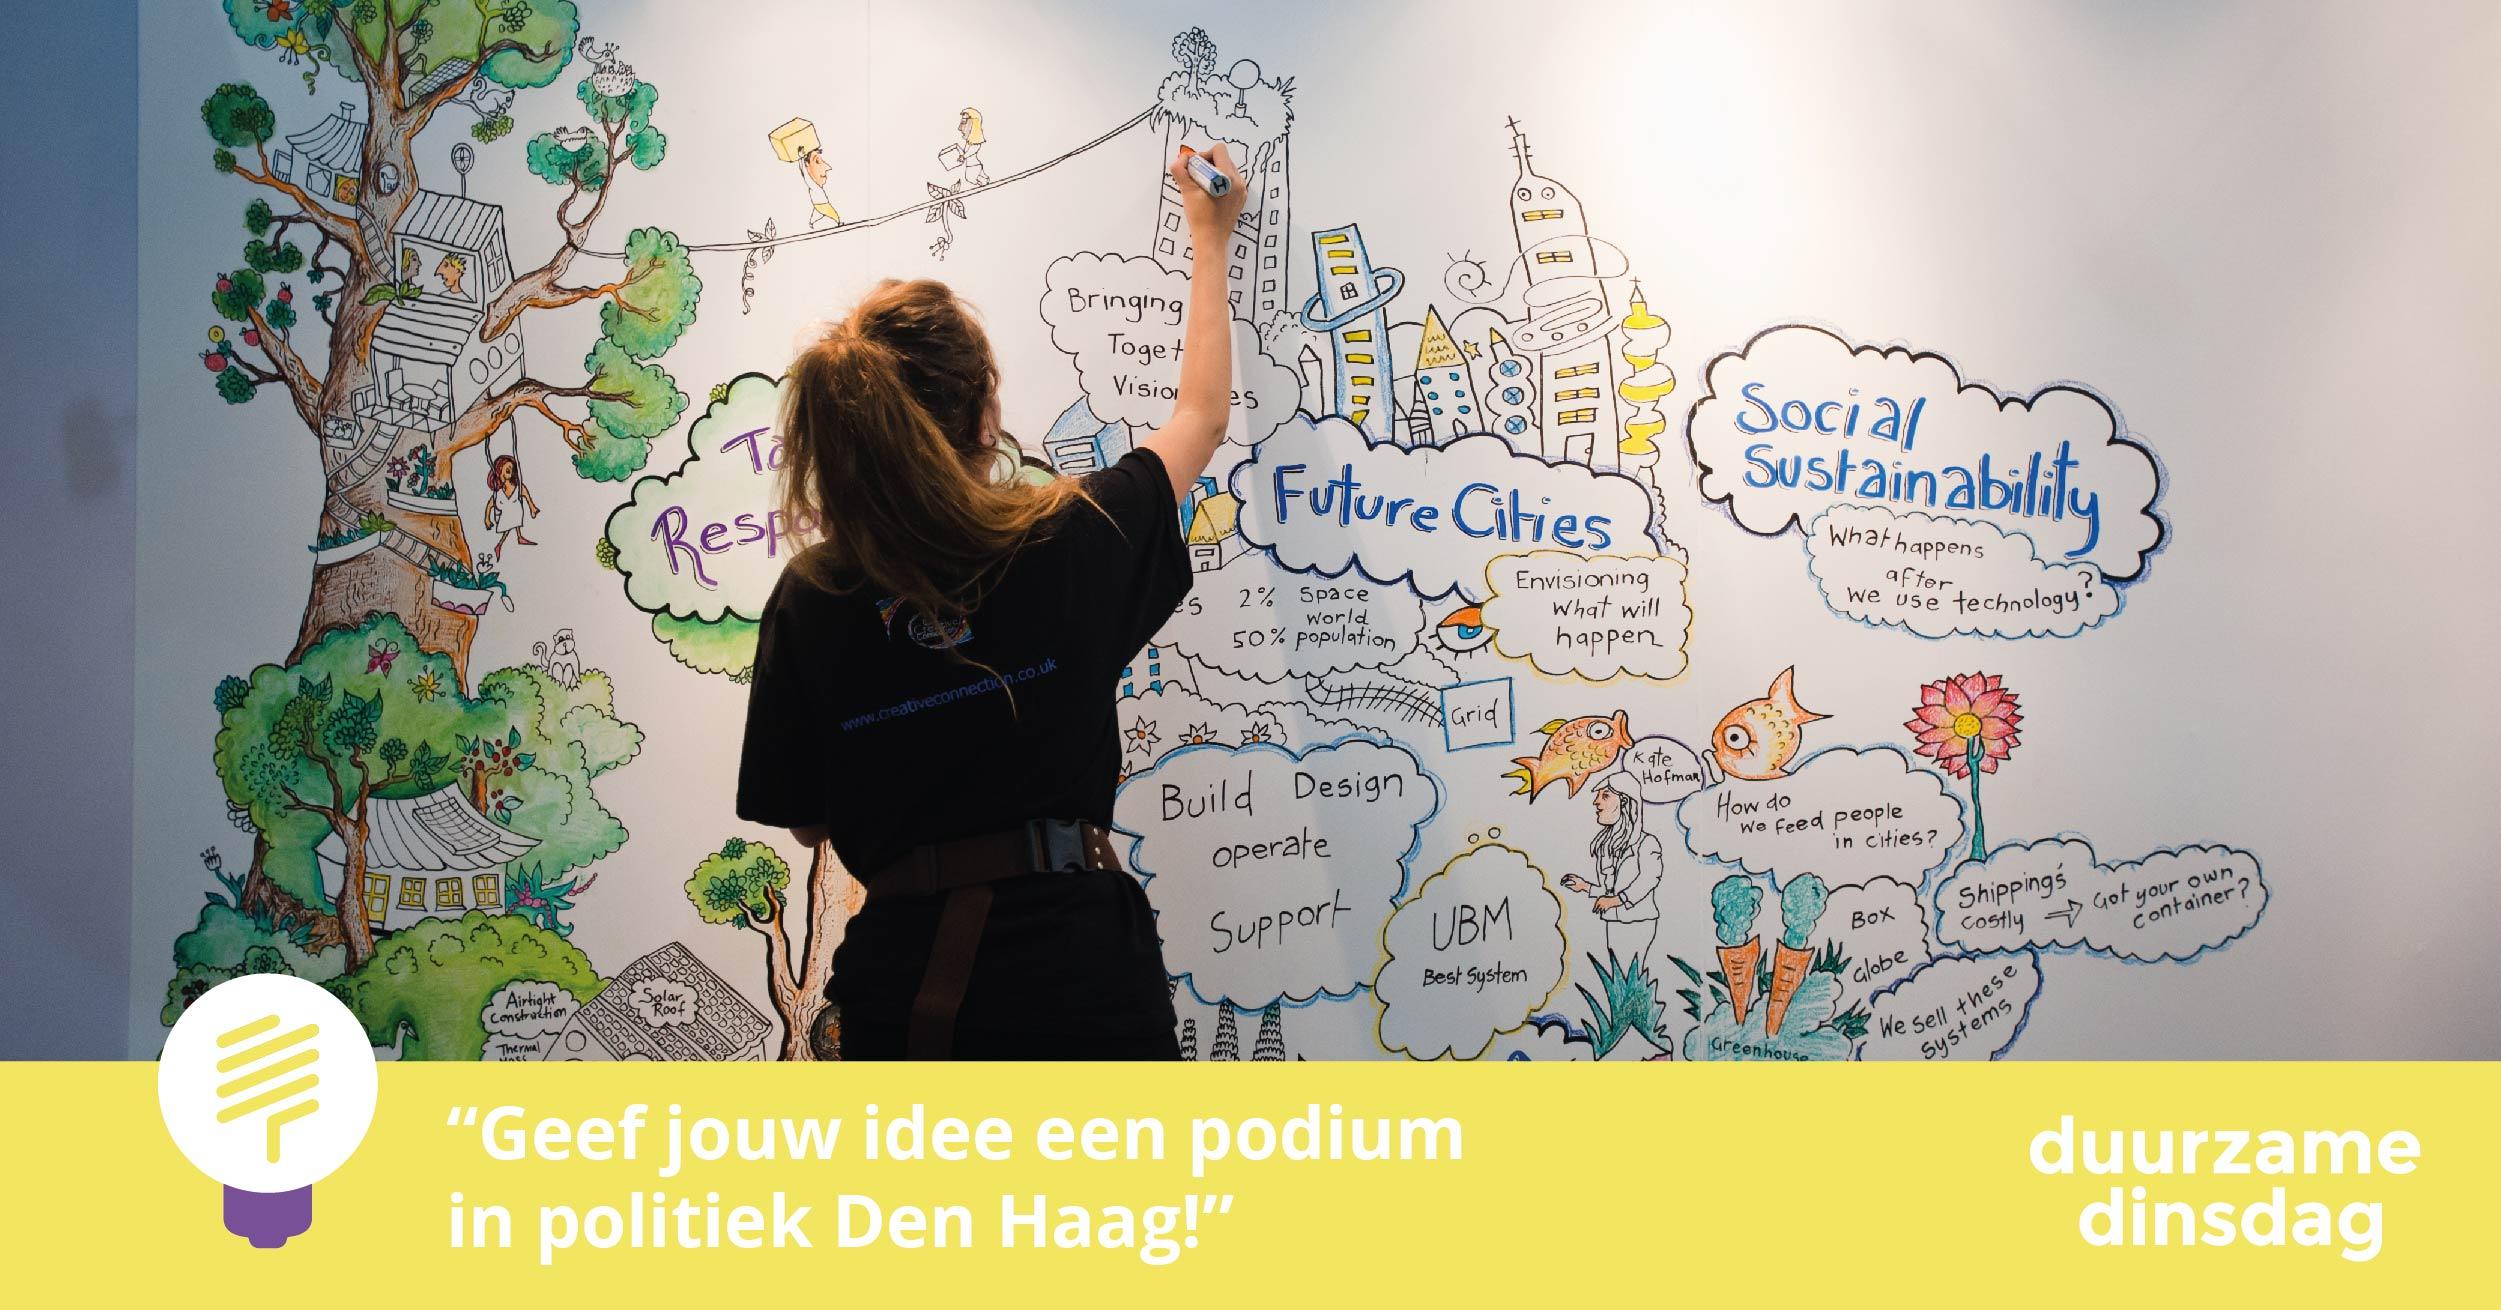 Geef jouw idee een podium in politiek Den Haag